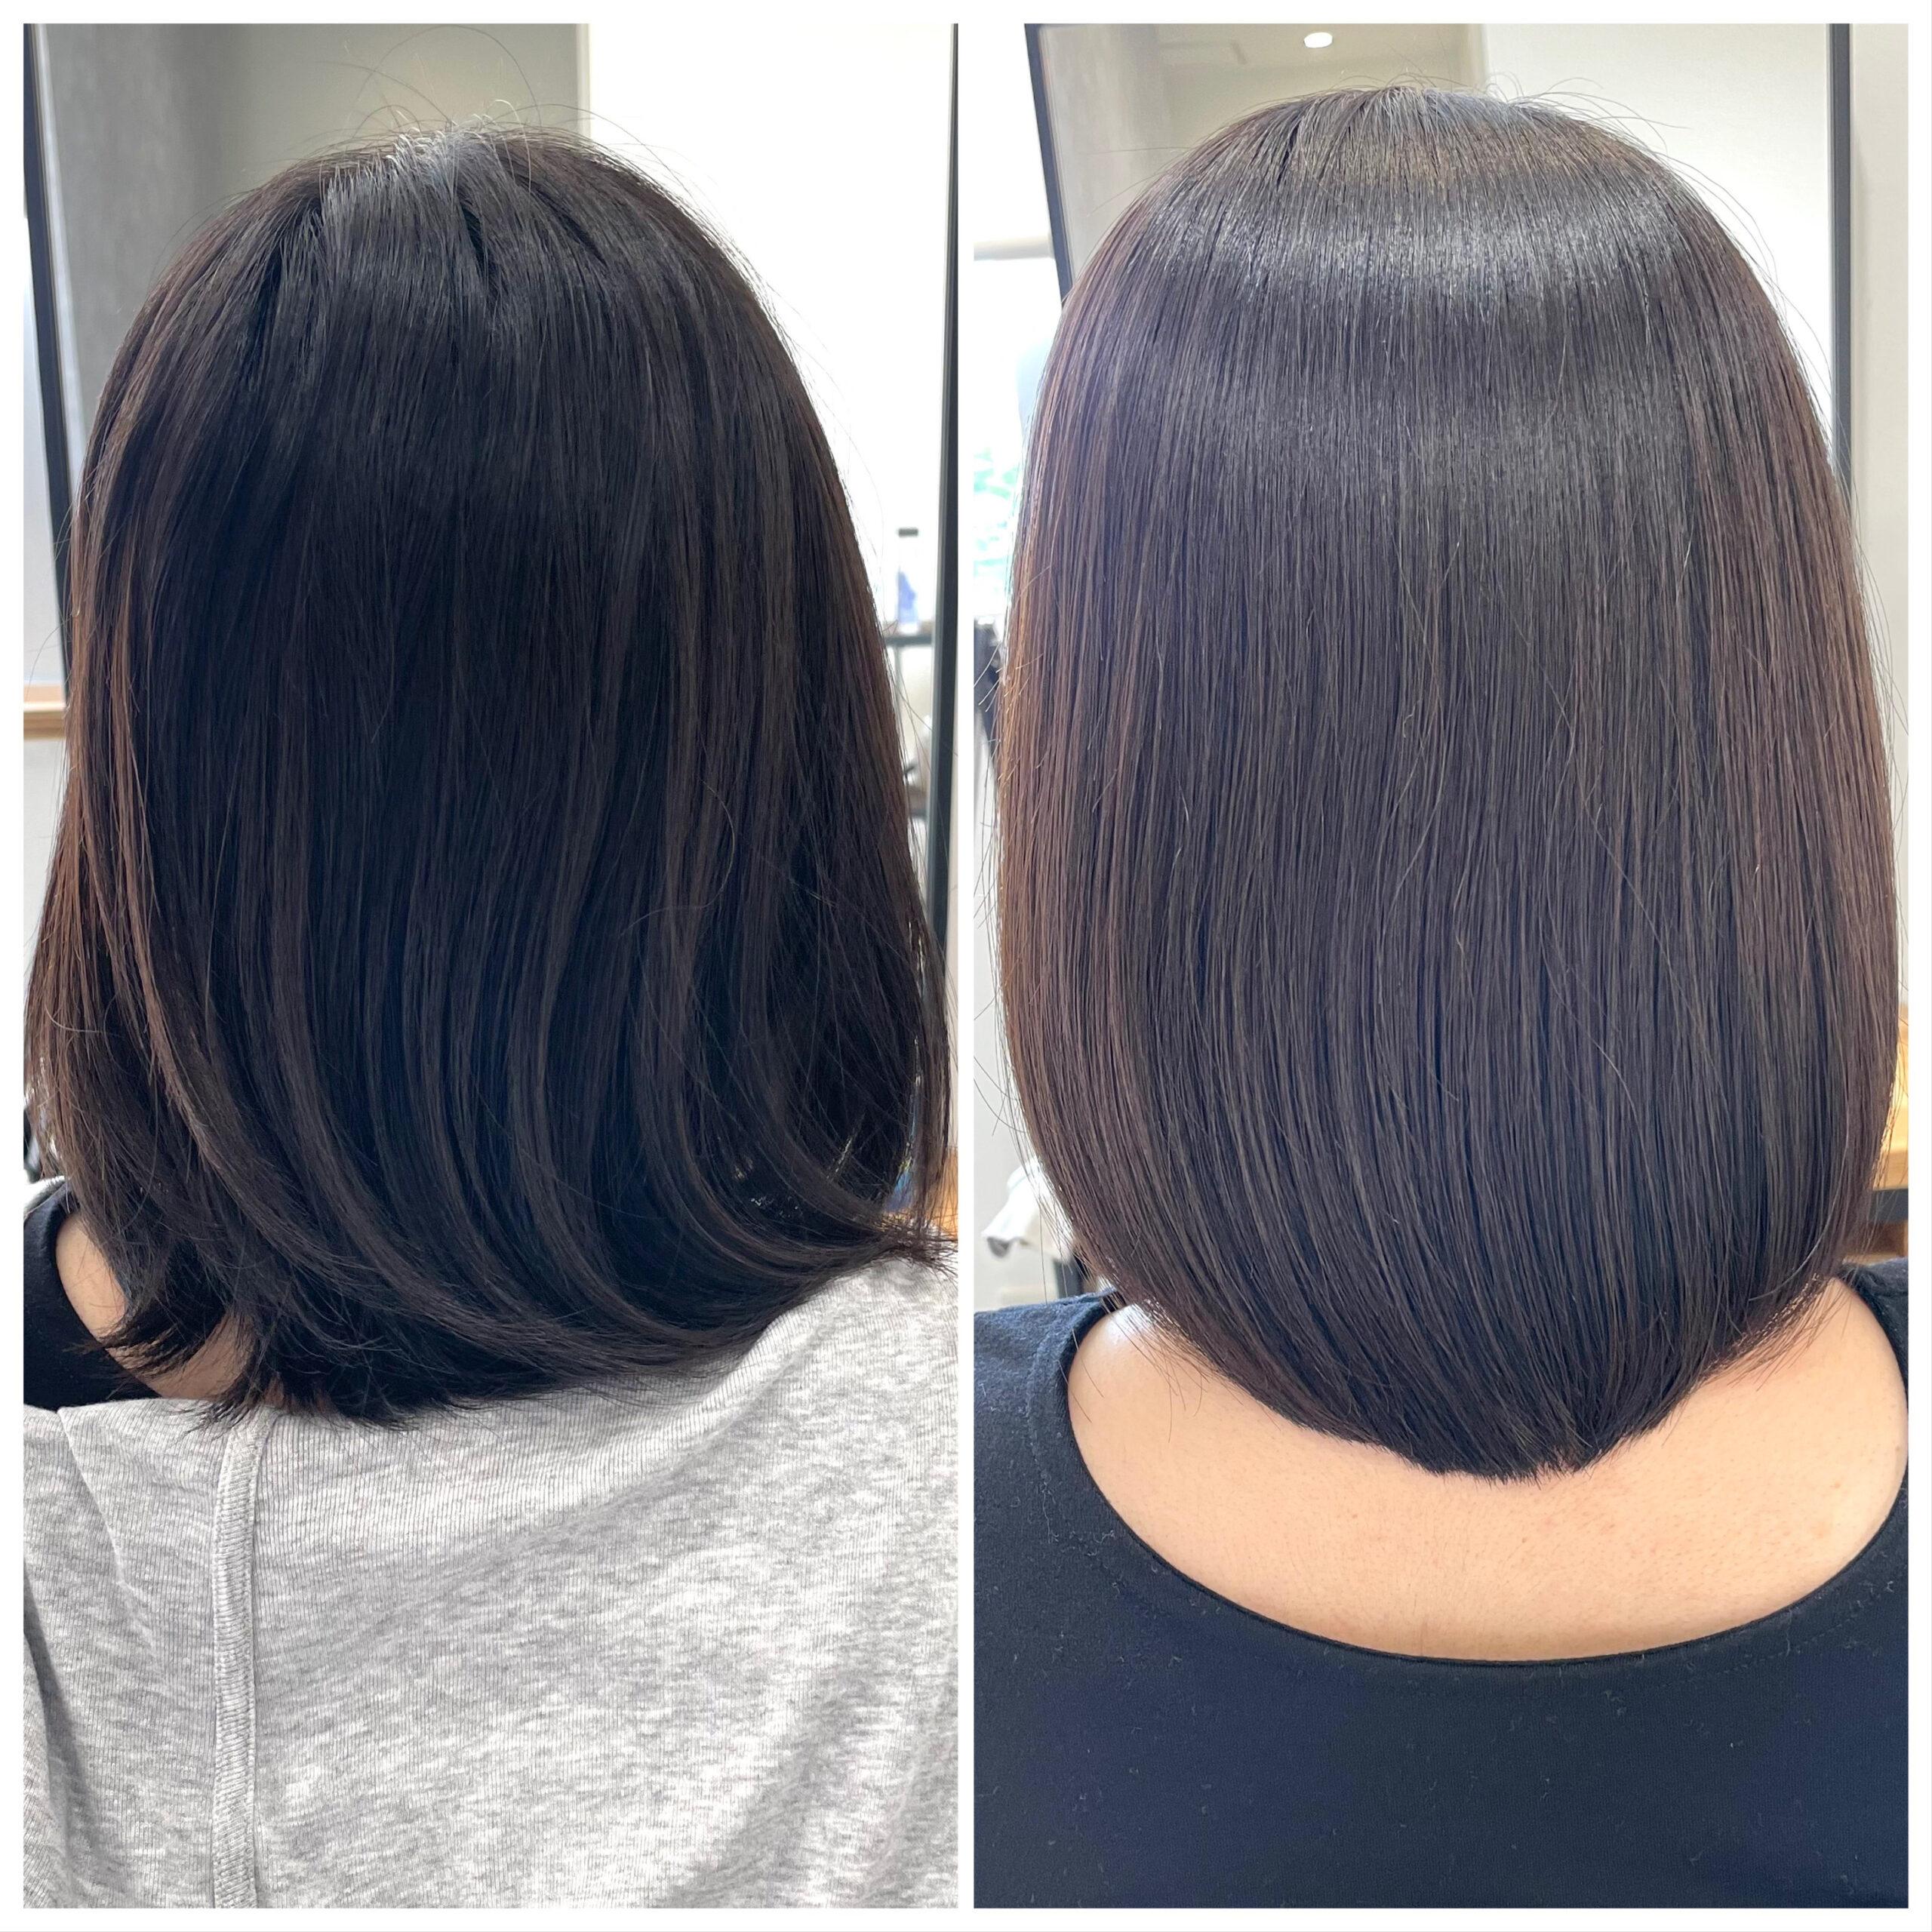 大分県別府市 弱酸性の縮毛矯正で髪質改善 ビフォーアフター